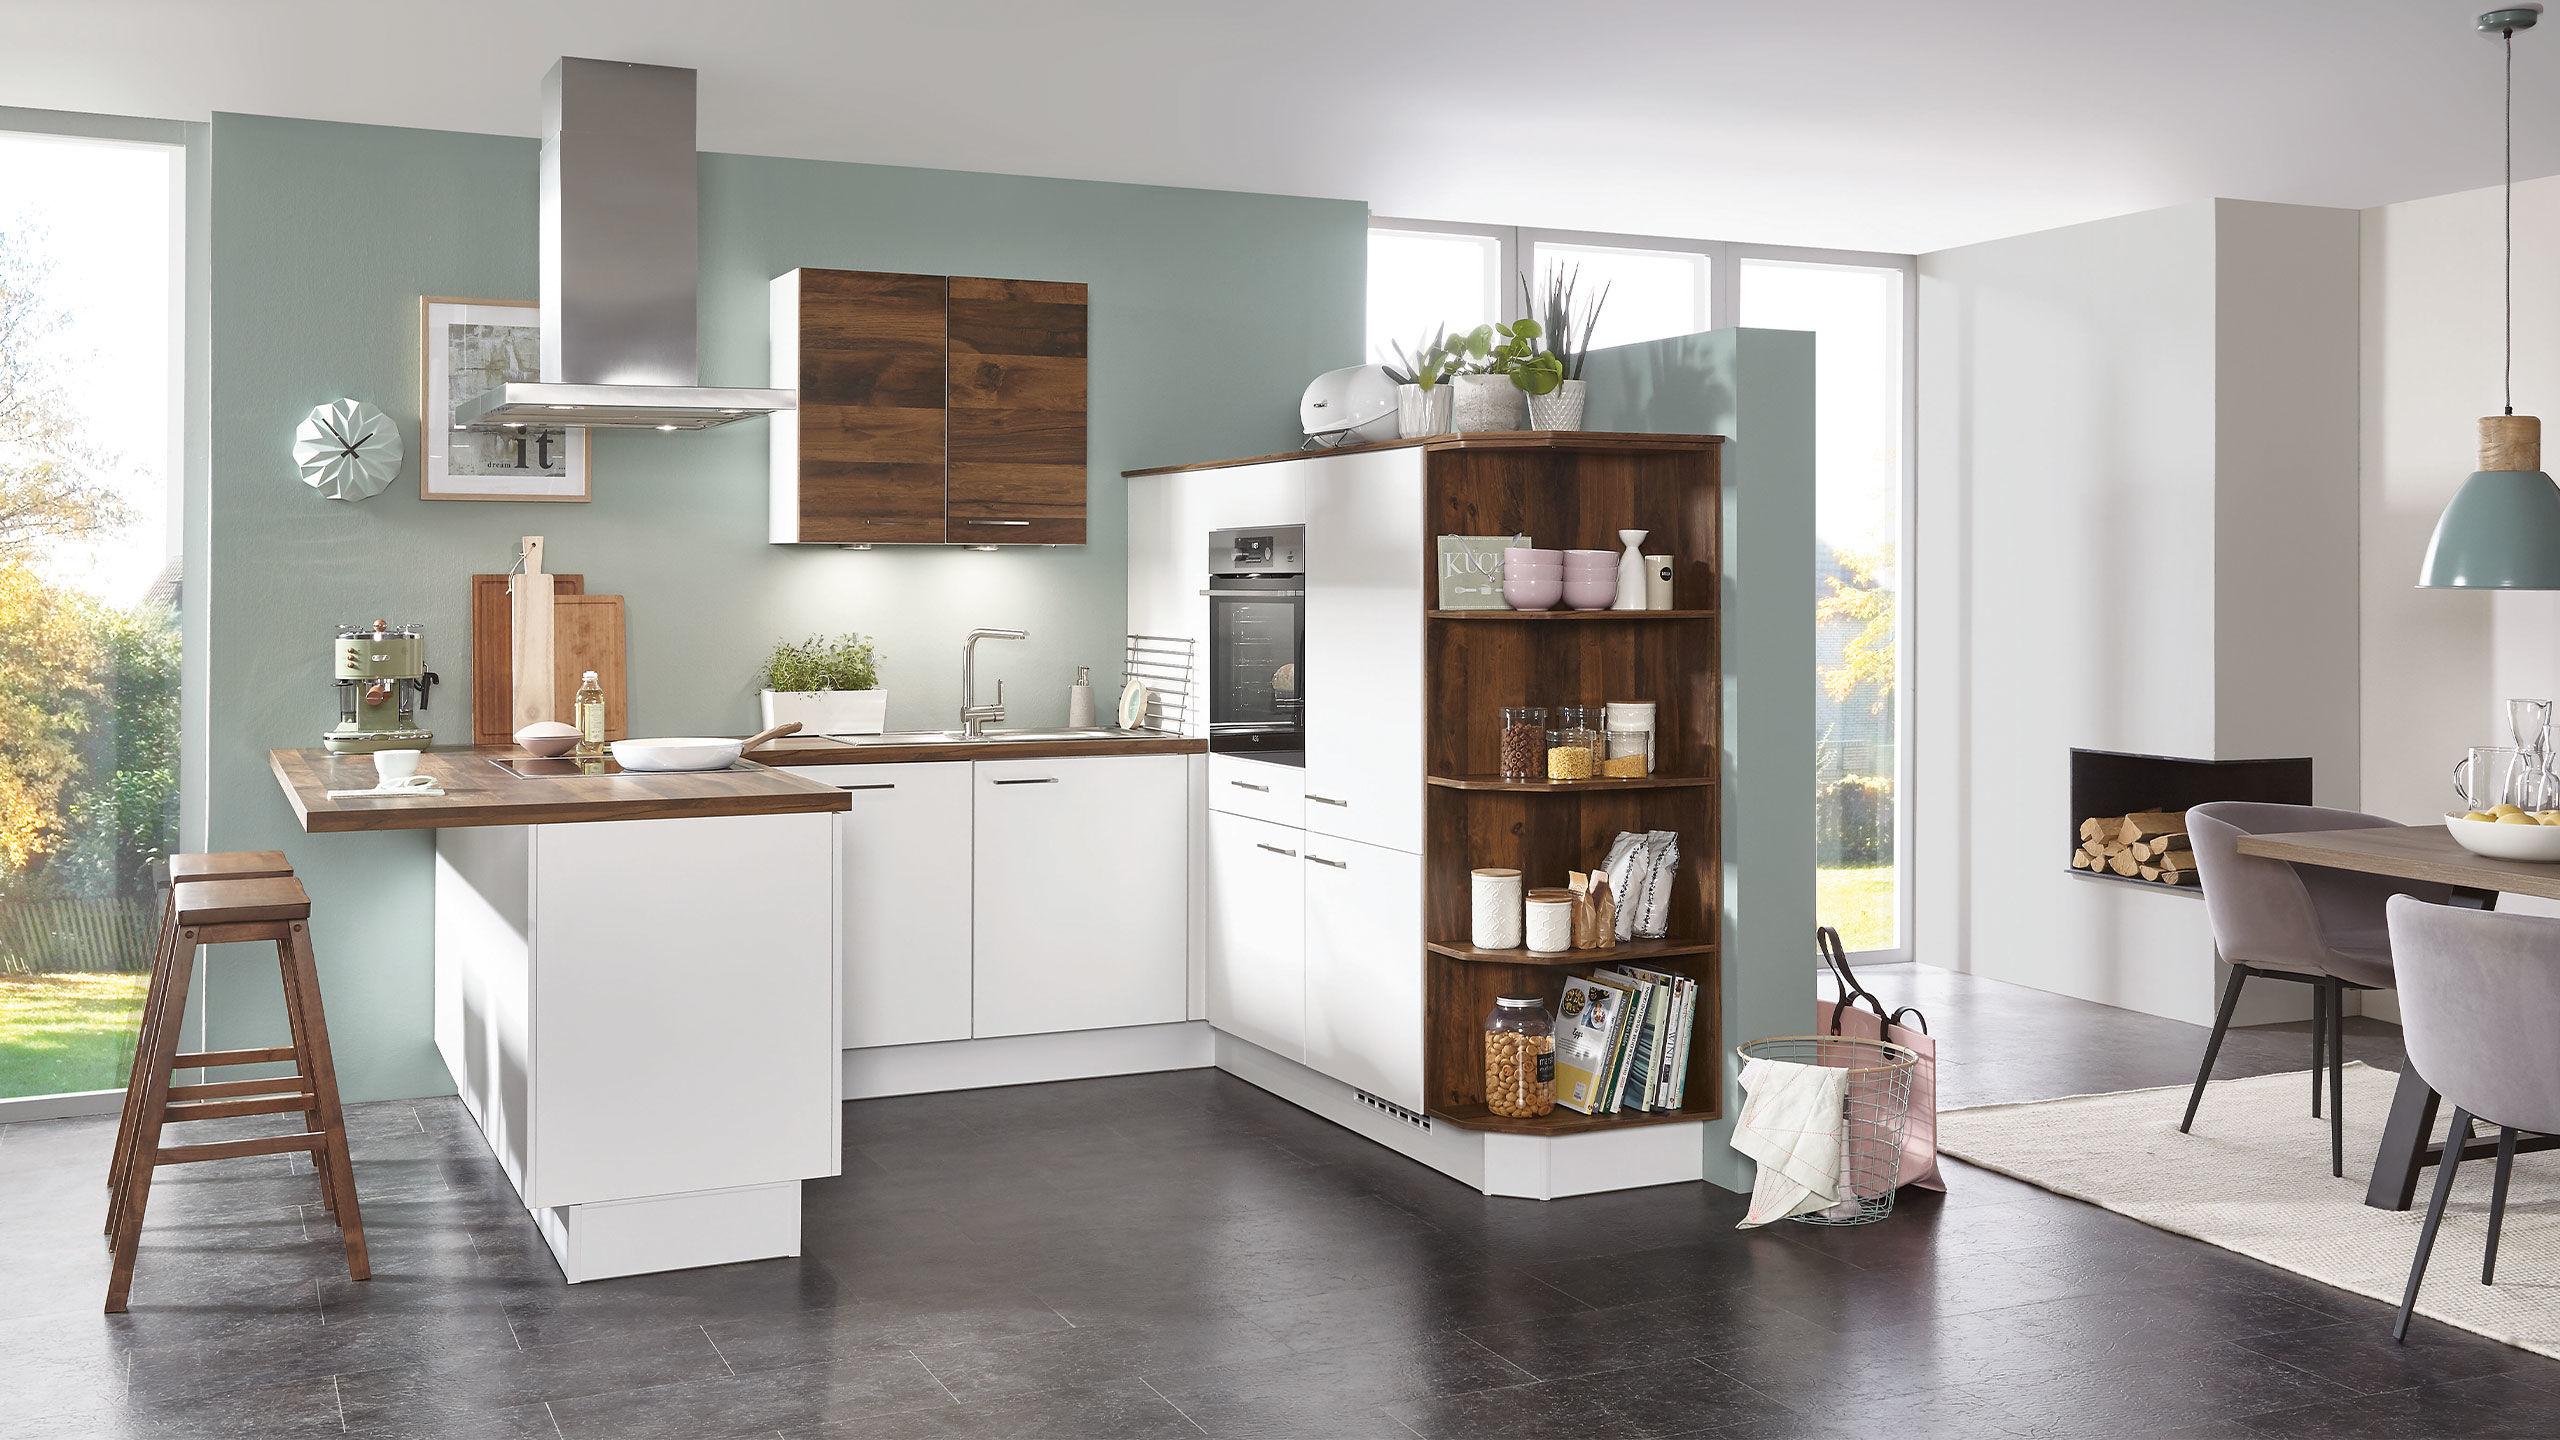 Full Size of Rückwand Küche Bilder Küchenrückwand Wie Arbeitsplatte Rückwand Küche Ideen Nischenrückwand Küche Bauhaus Küche Nischenrückwand Küche